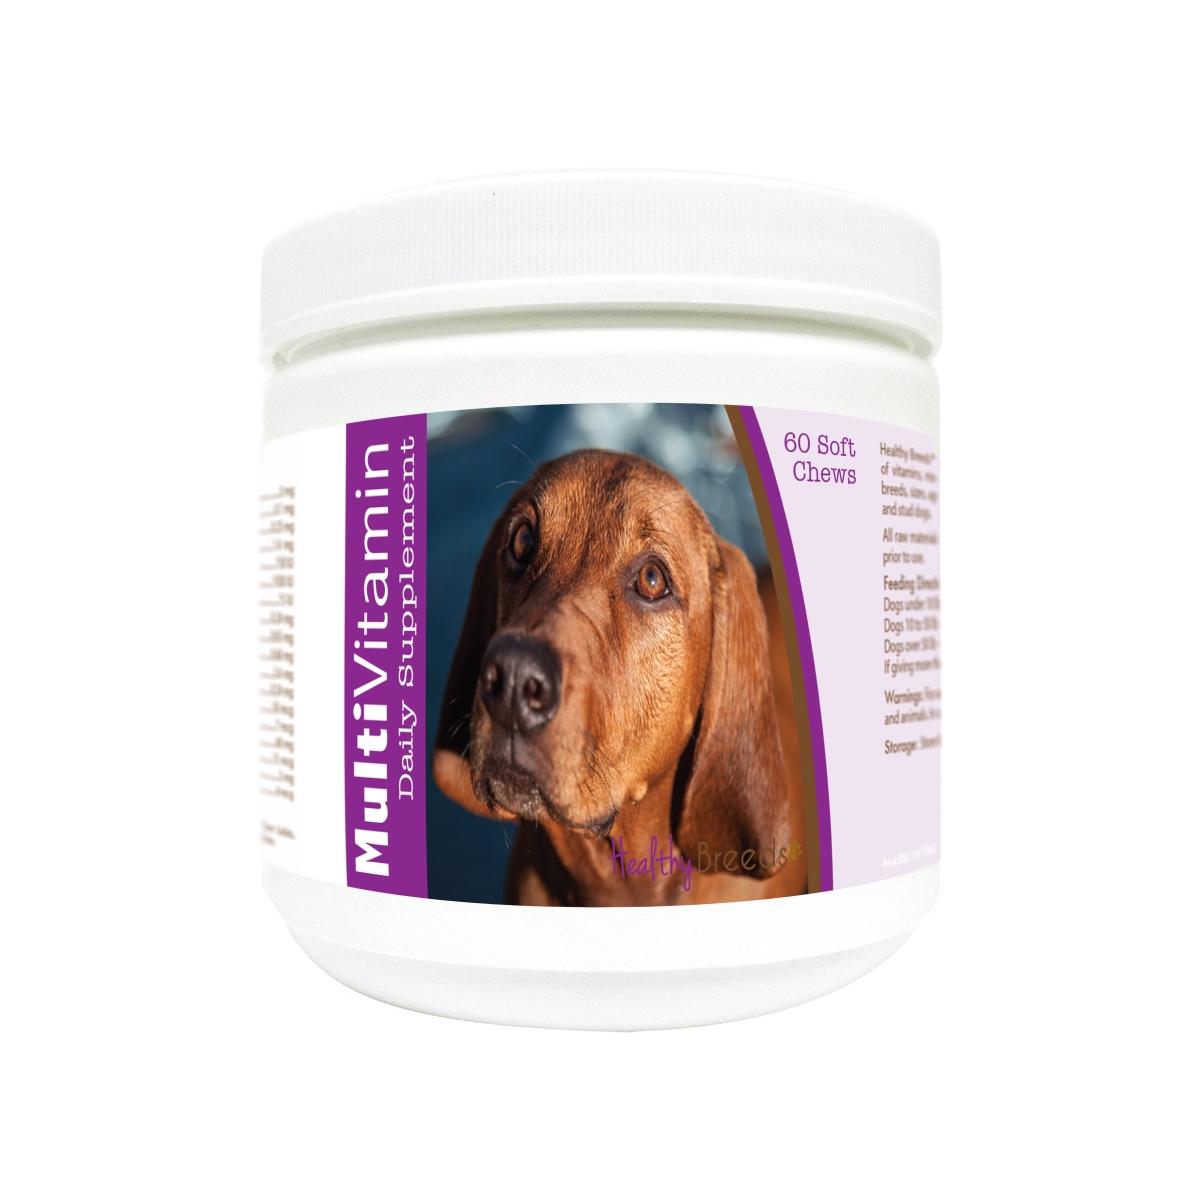 Healthy Breeds 840235174301 Redbone Coonhound Multi-Vitamin Soft Chews - 60 Count